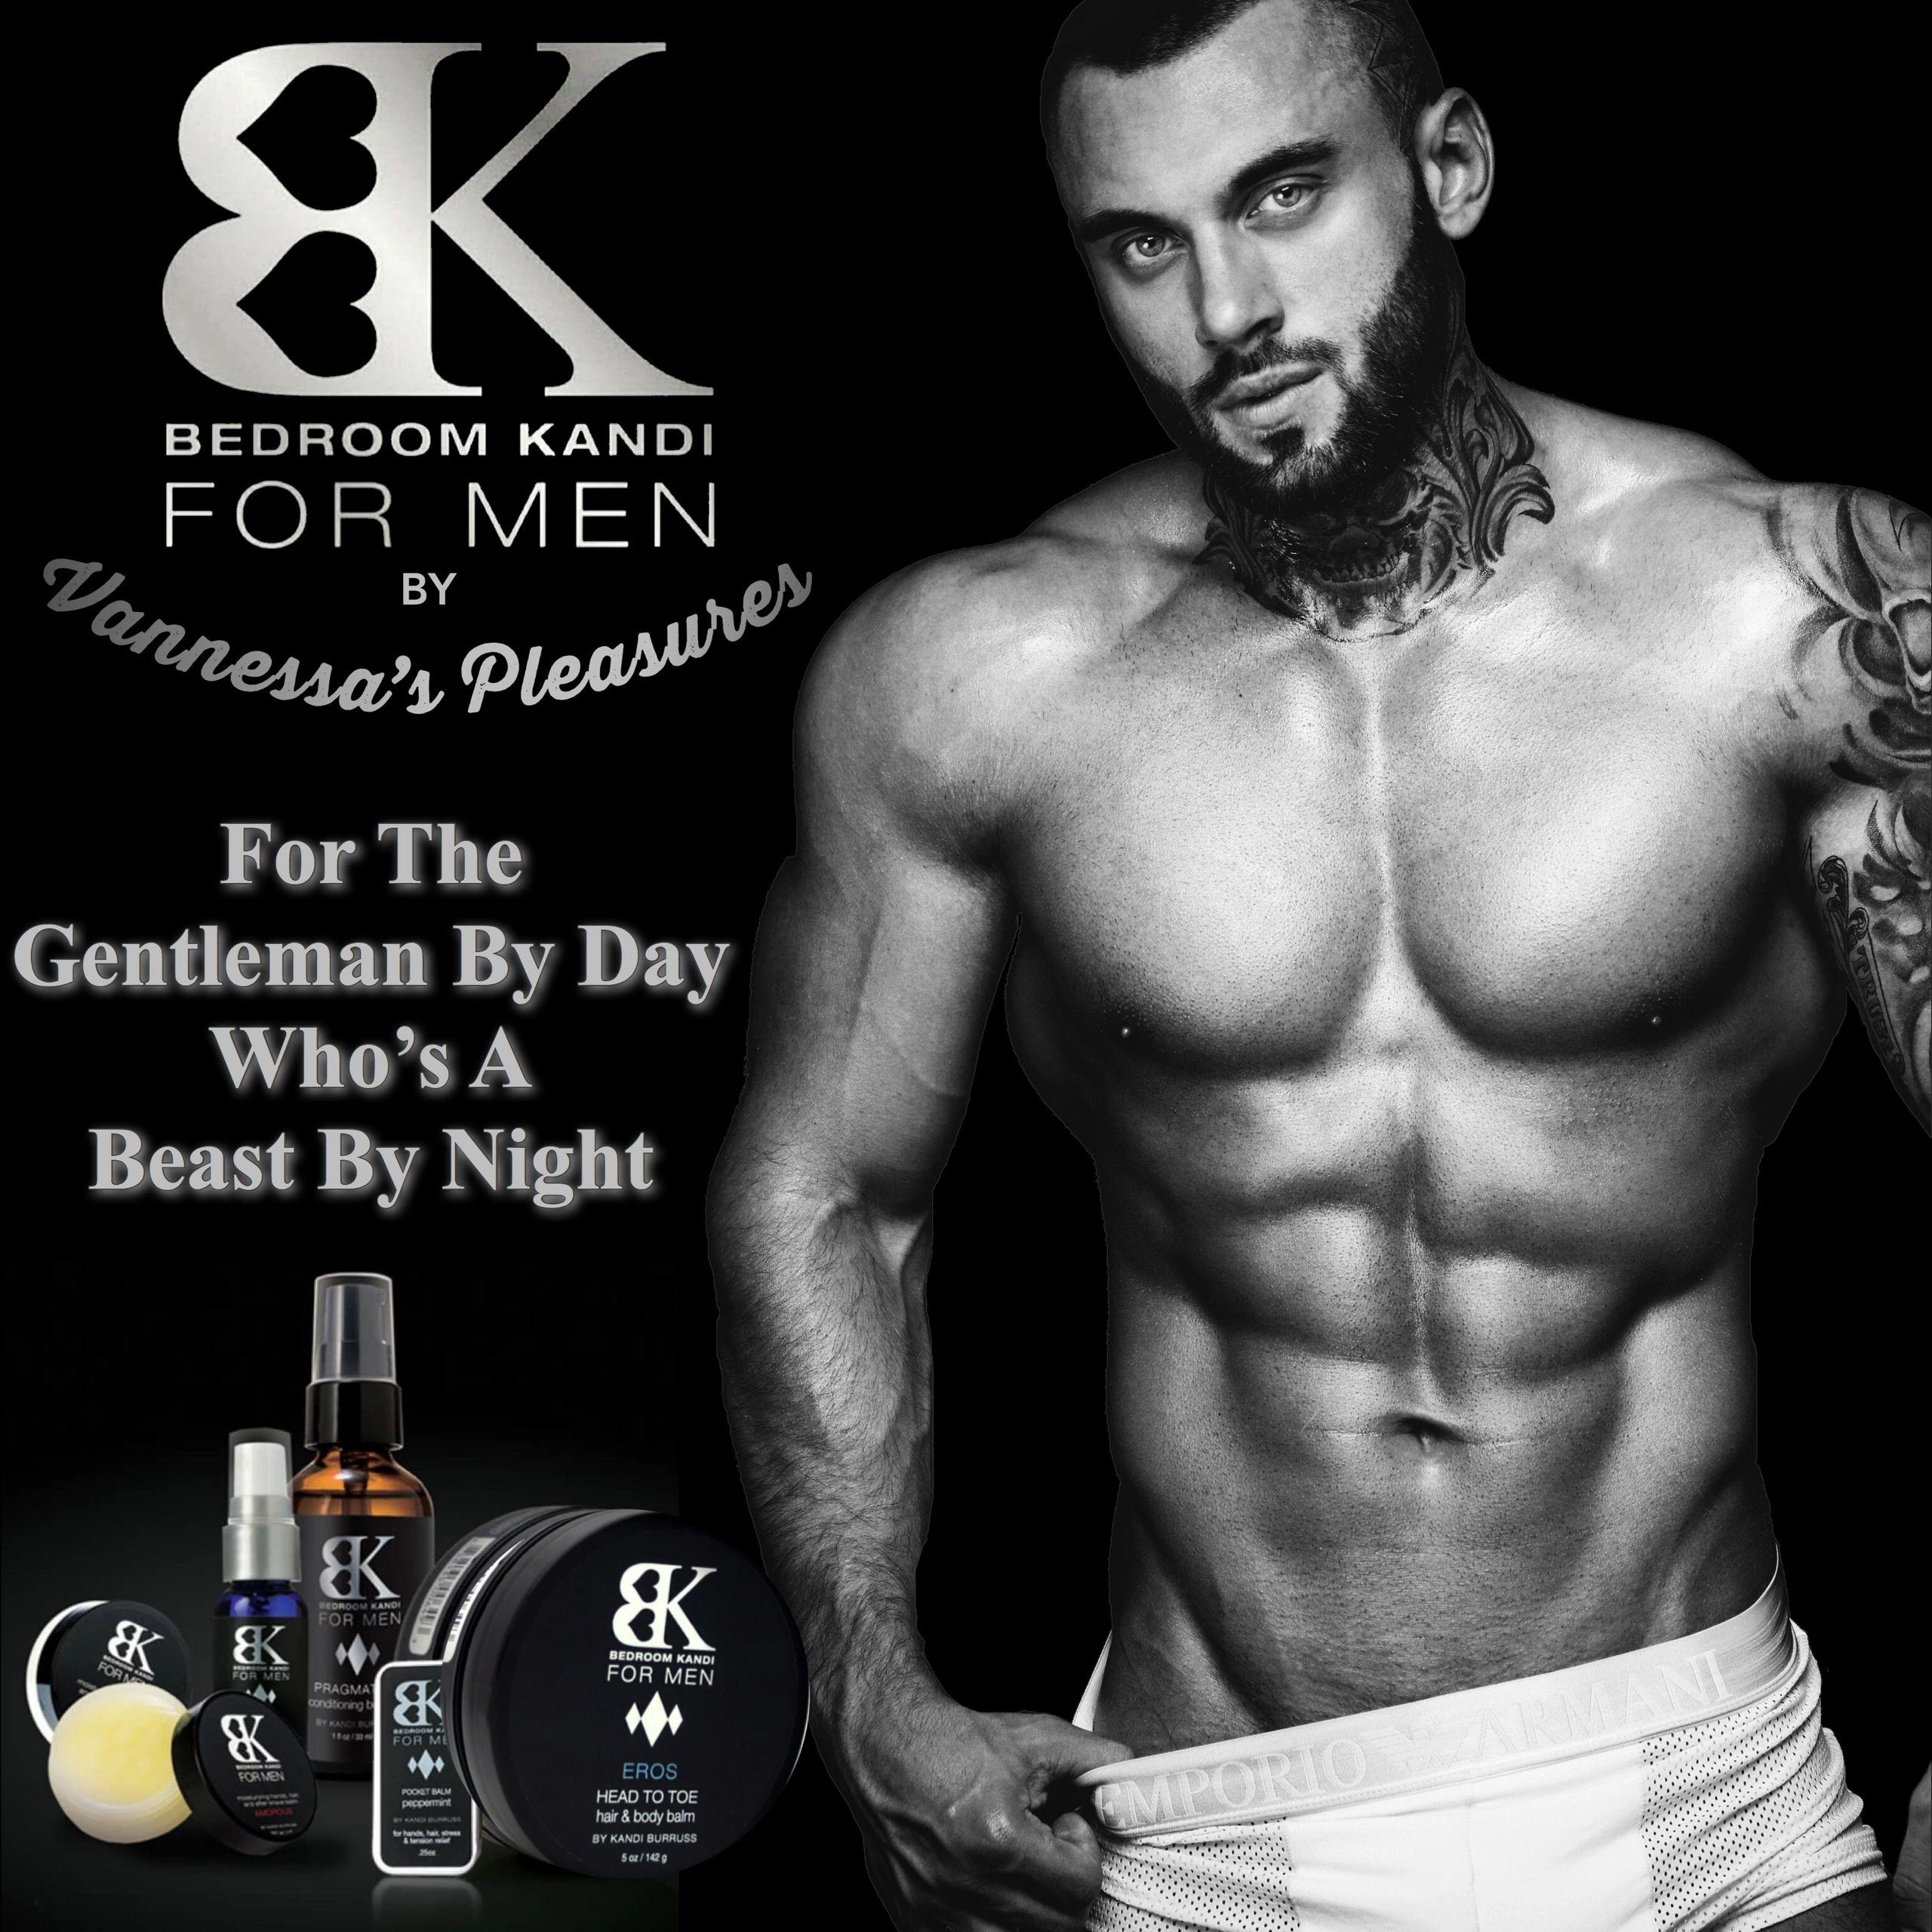 Bk For Men Vannessa S Pleasures